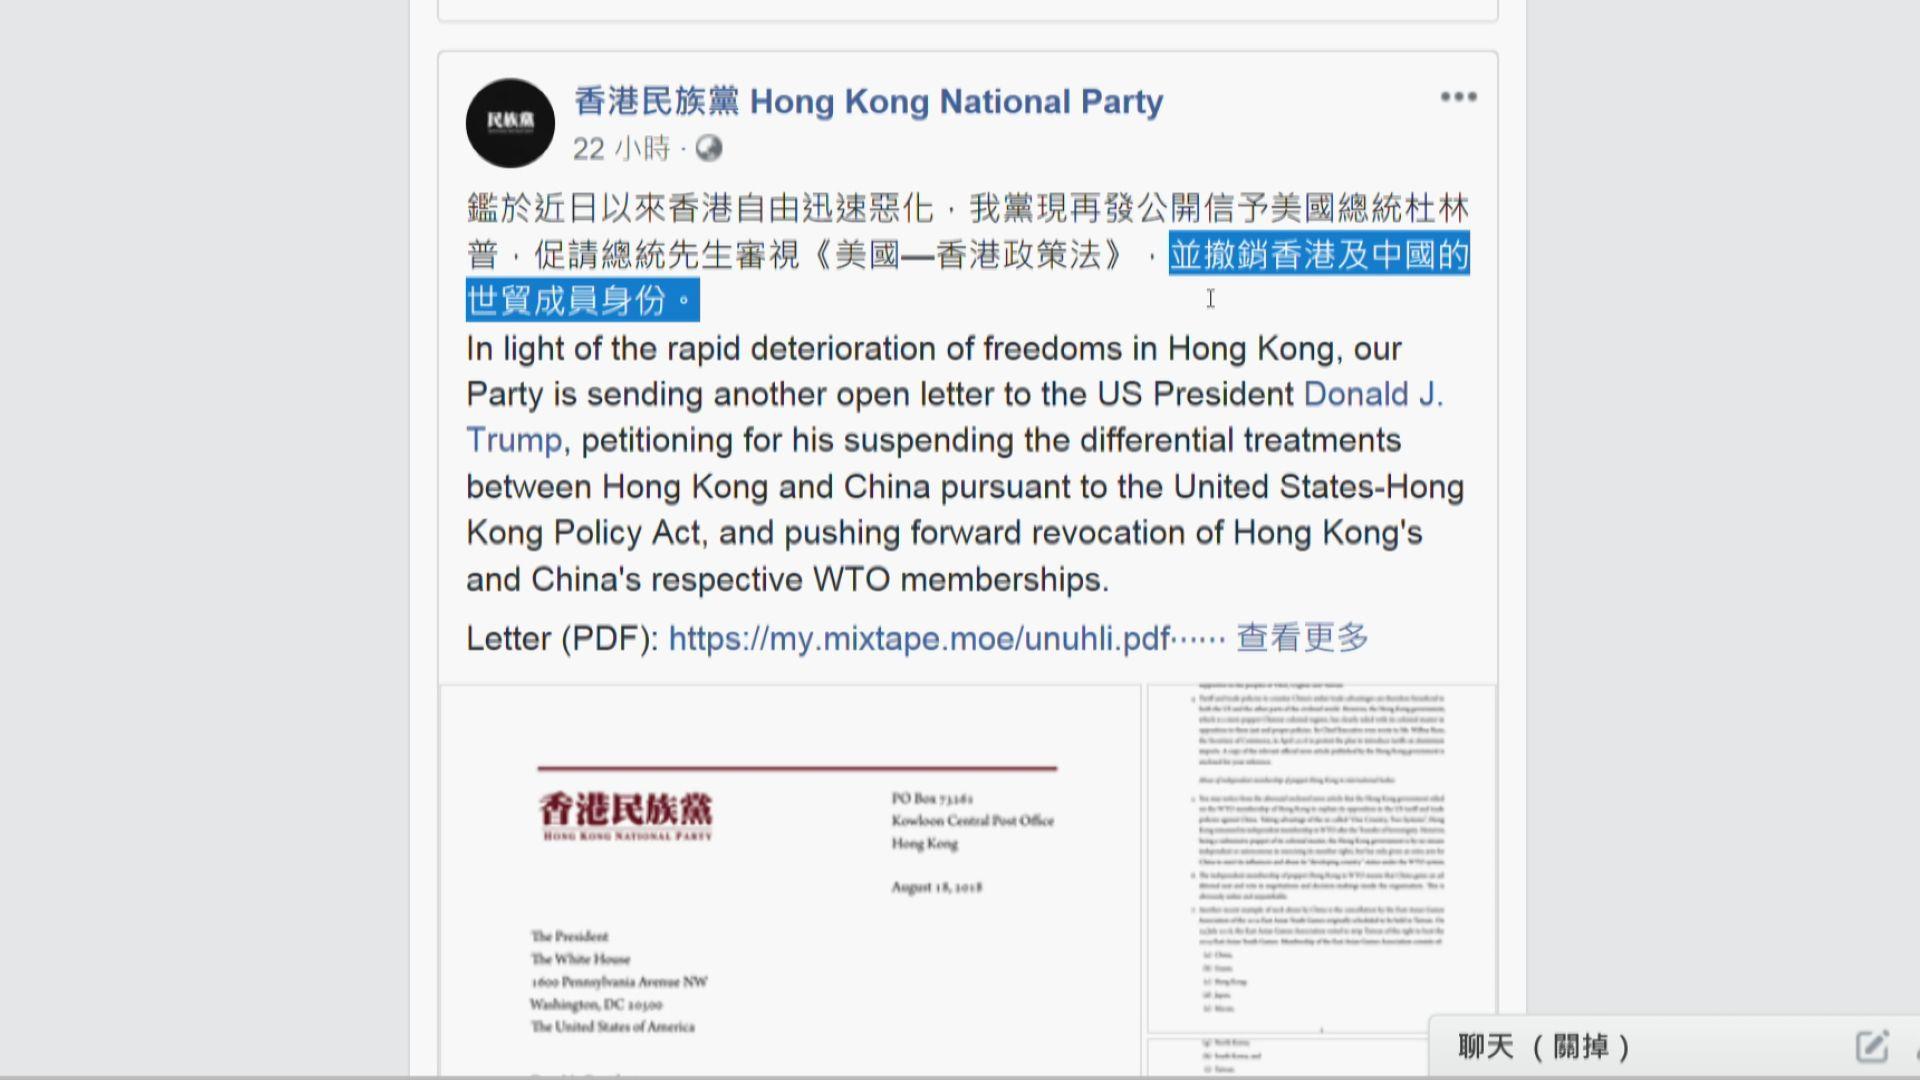 陳浩天促撤世貿身分 政府:應譴責